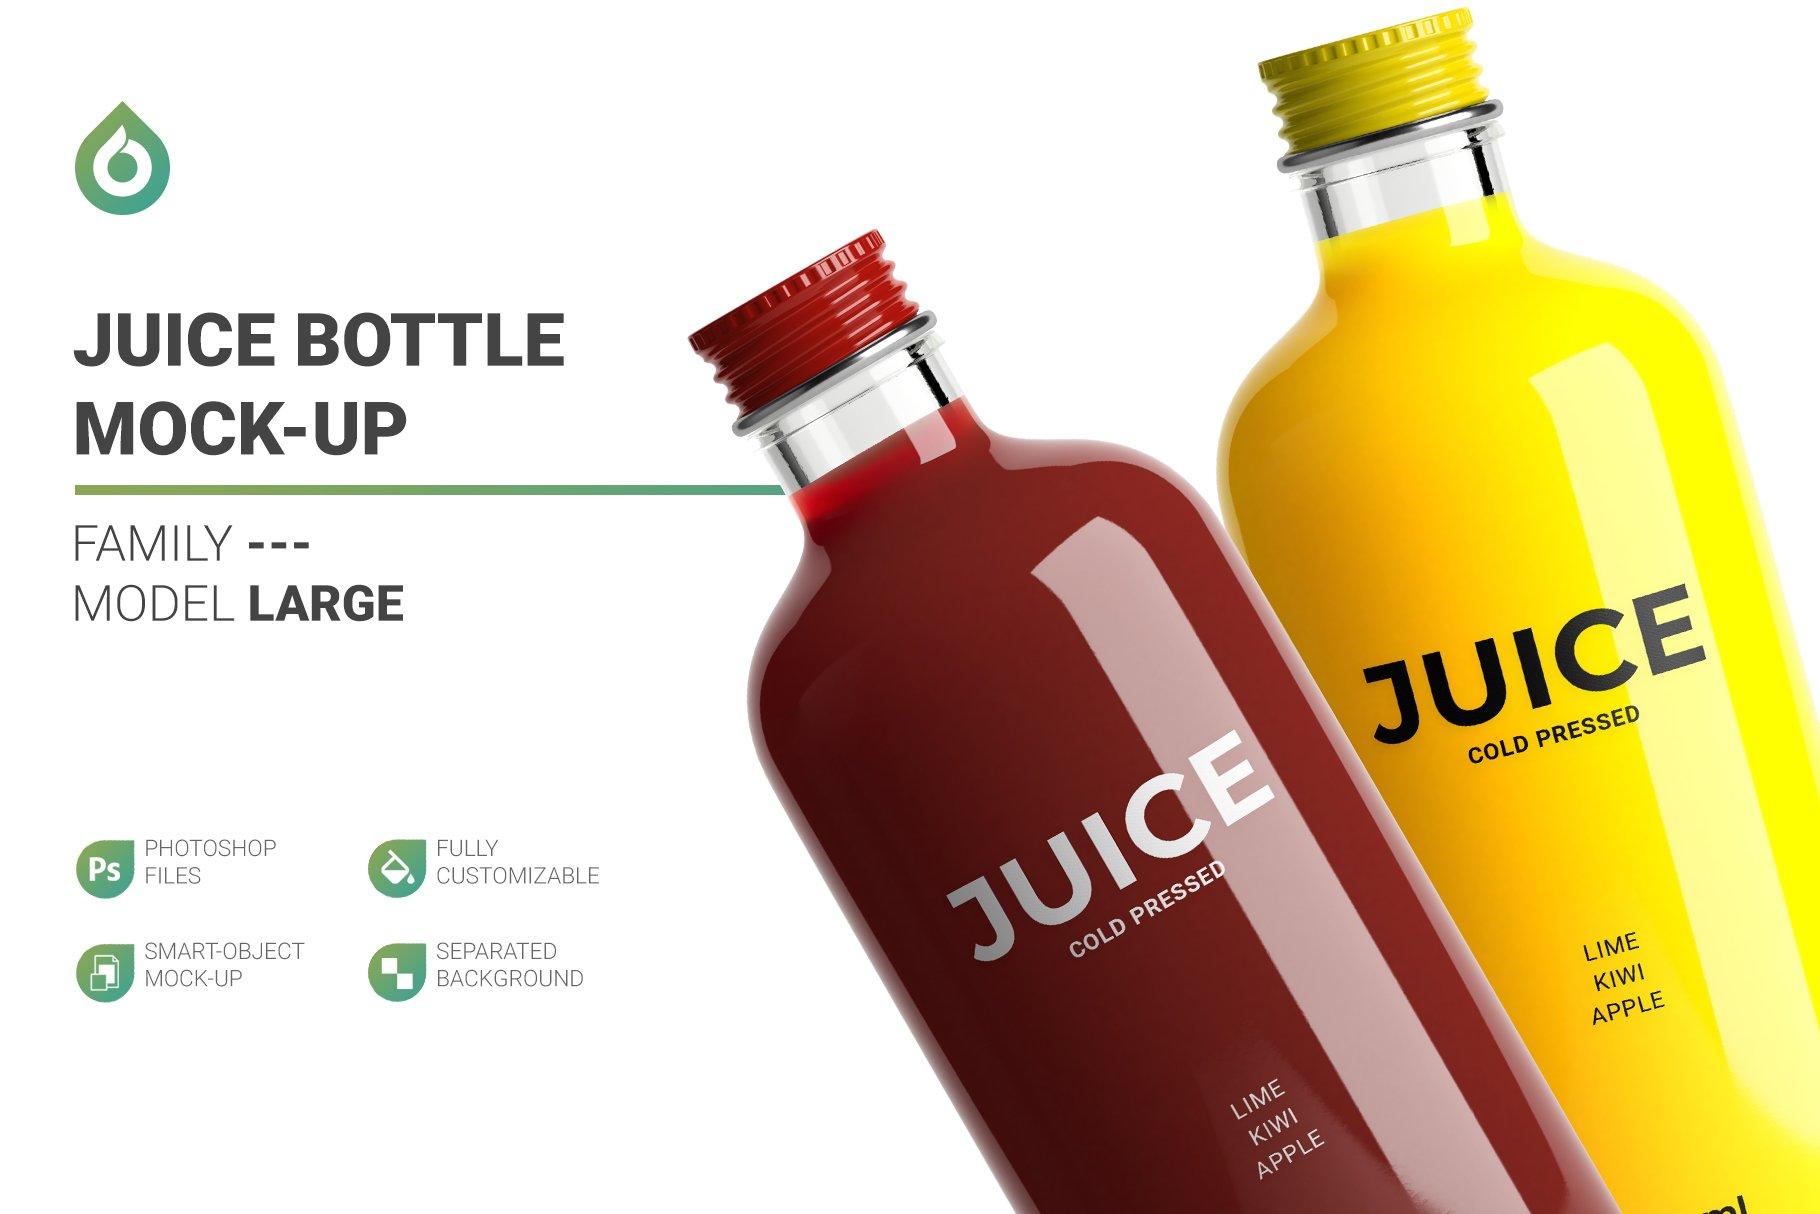 透明果汁玻璃瓶设计展示样机 Juice Bottle Mockup插图